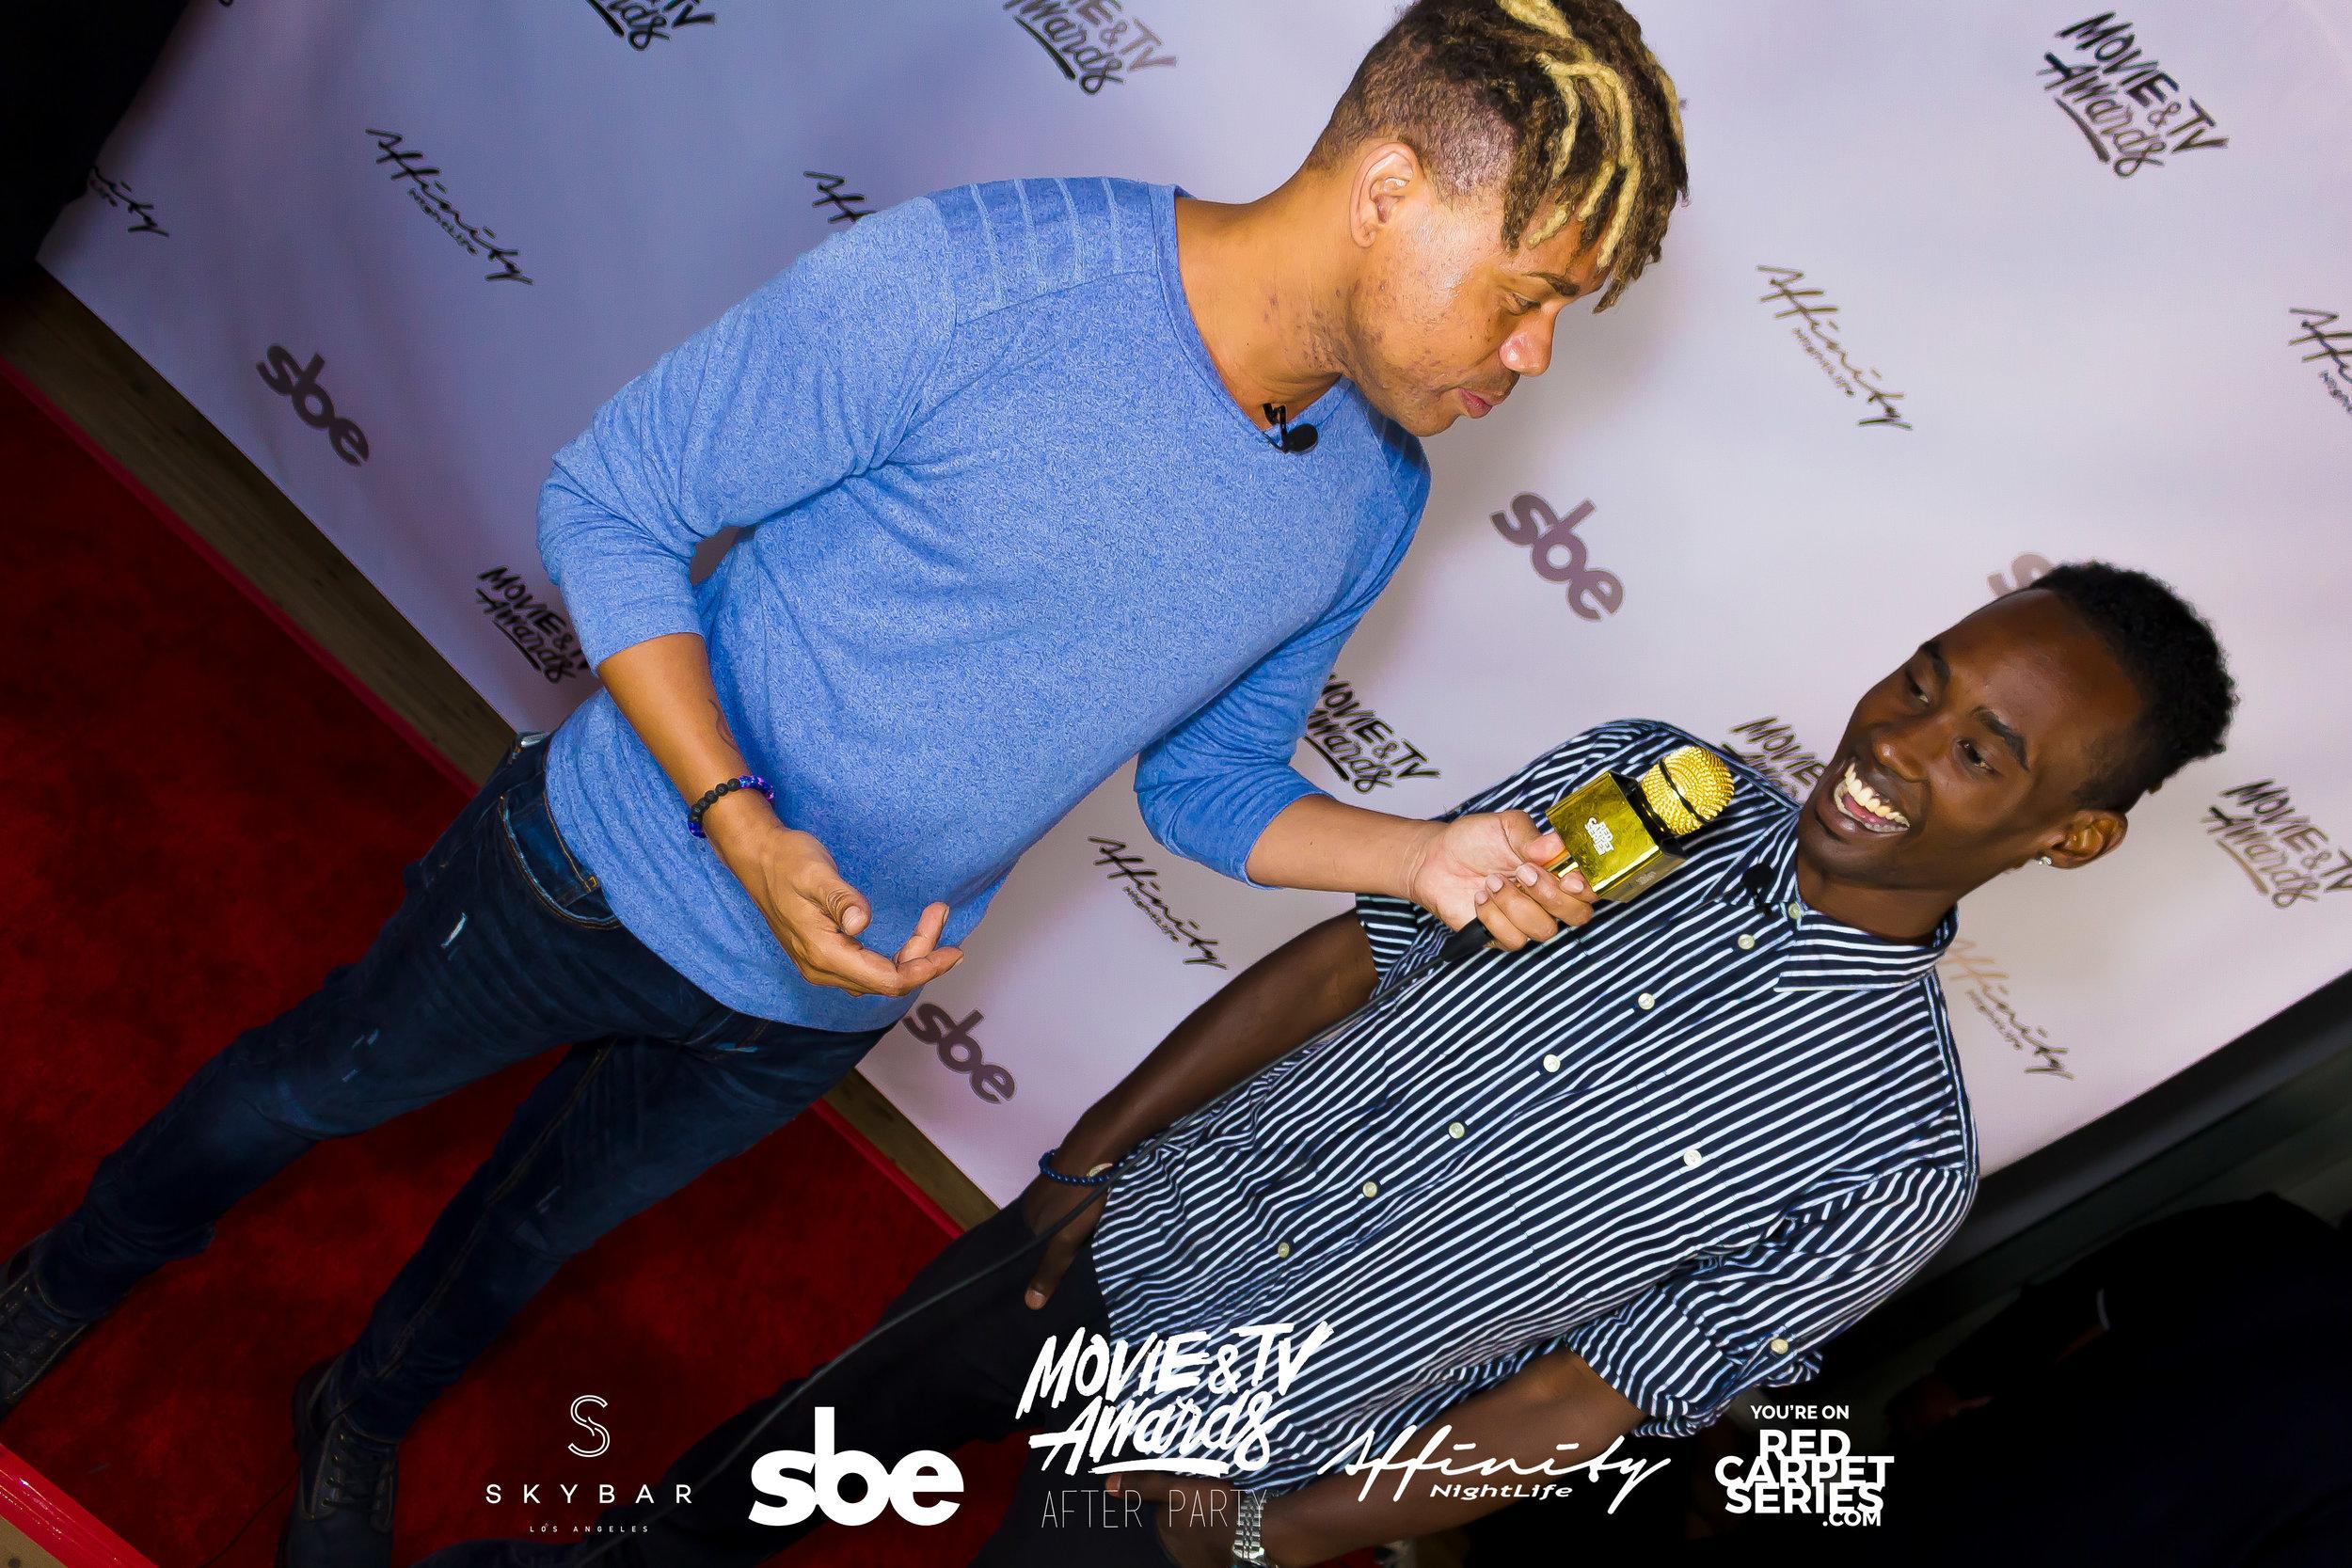 Affinity Nightlife MTV Movie & TV Awards After Party - Skybar at Mondrian - 06-15-19 - Vol. 1_126.jpg